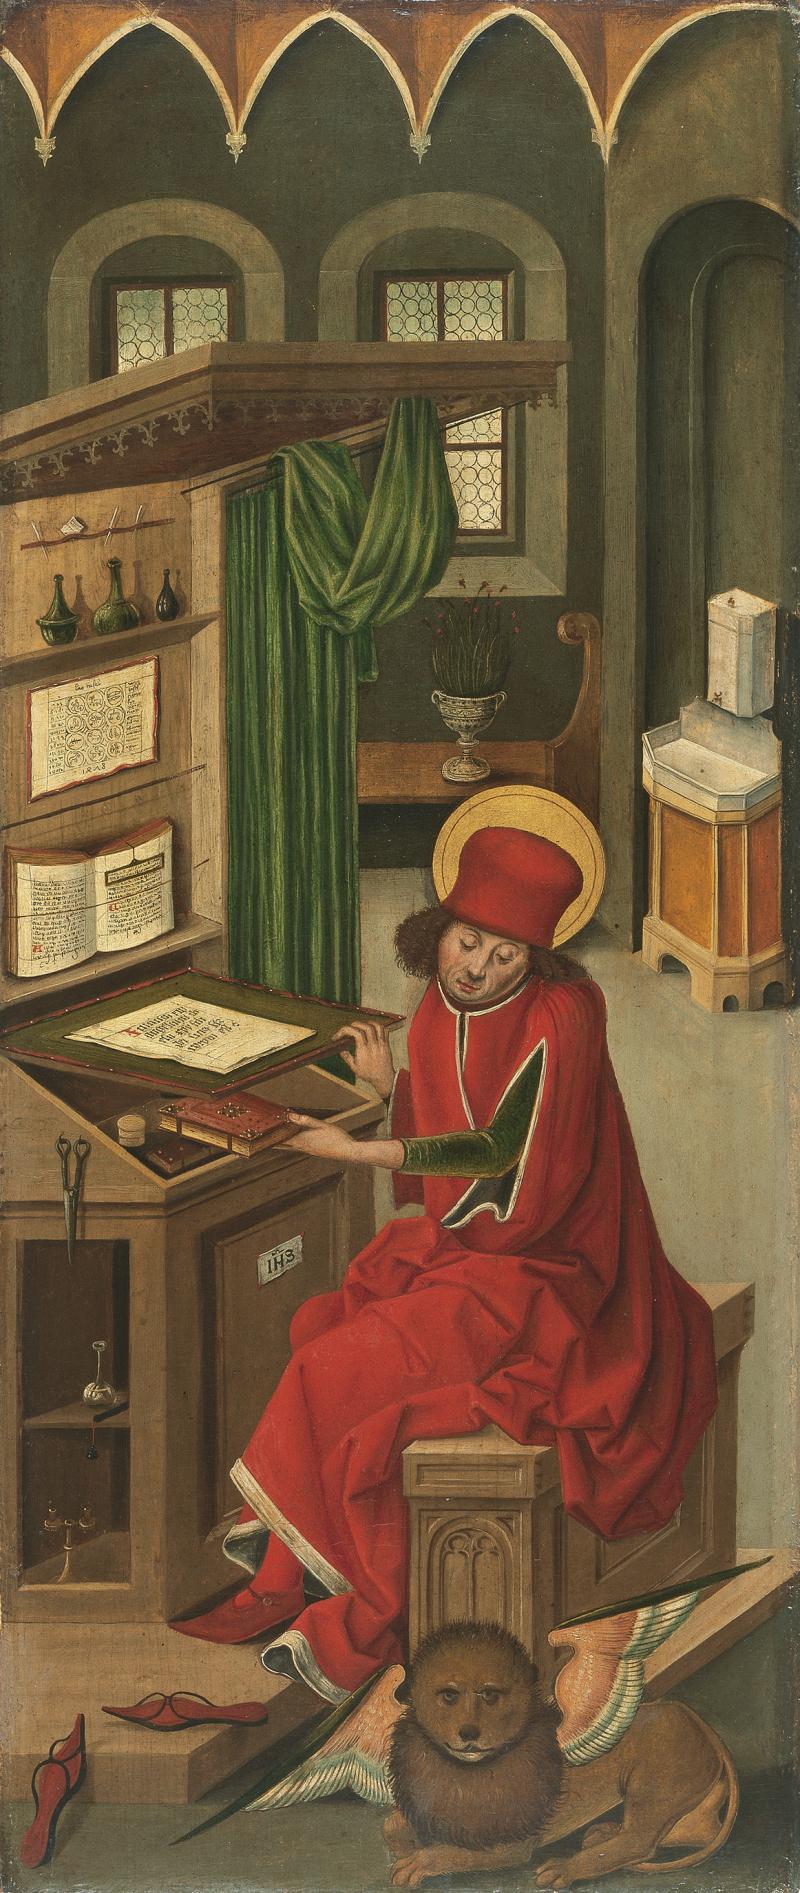 Saint marc the Evangelist 1478  Oil on panel. 77 x 32.2 cm Museo Thyssen-Bornemisza  Madrid Inv. no. 233 (1928.15) gabriel malesskircher